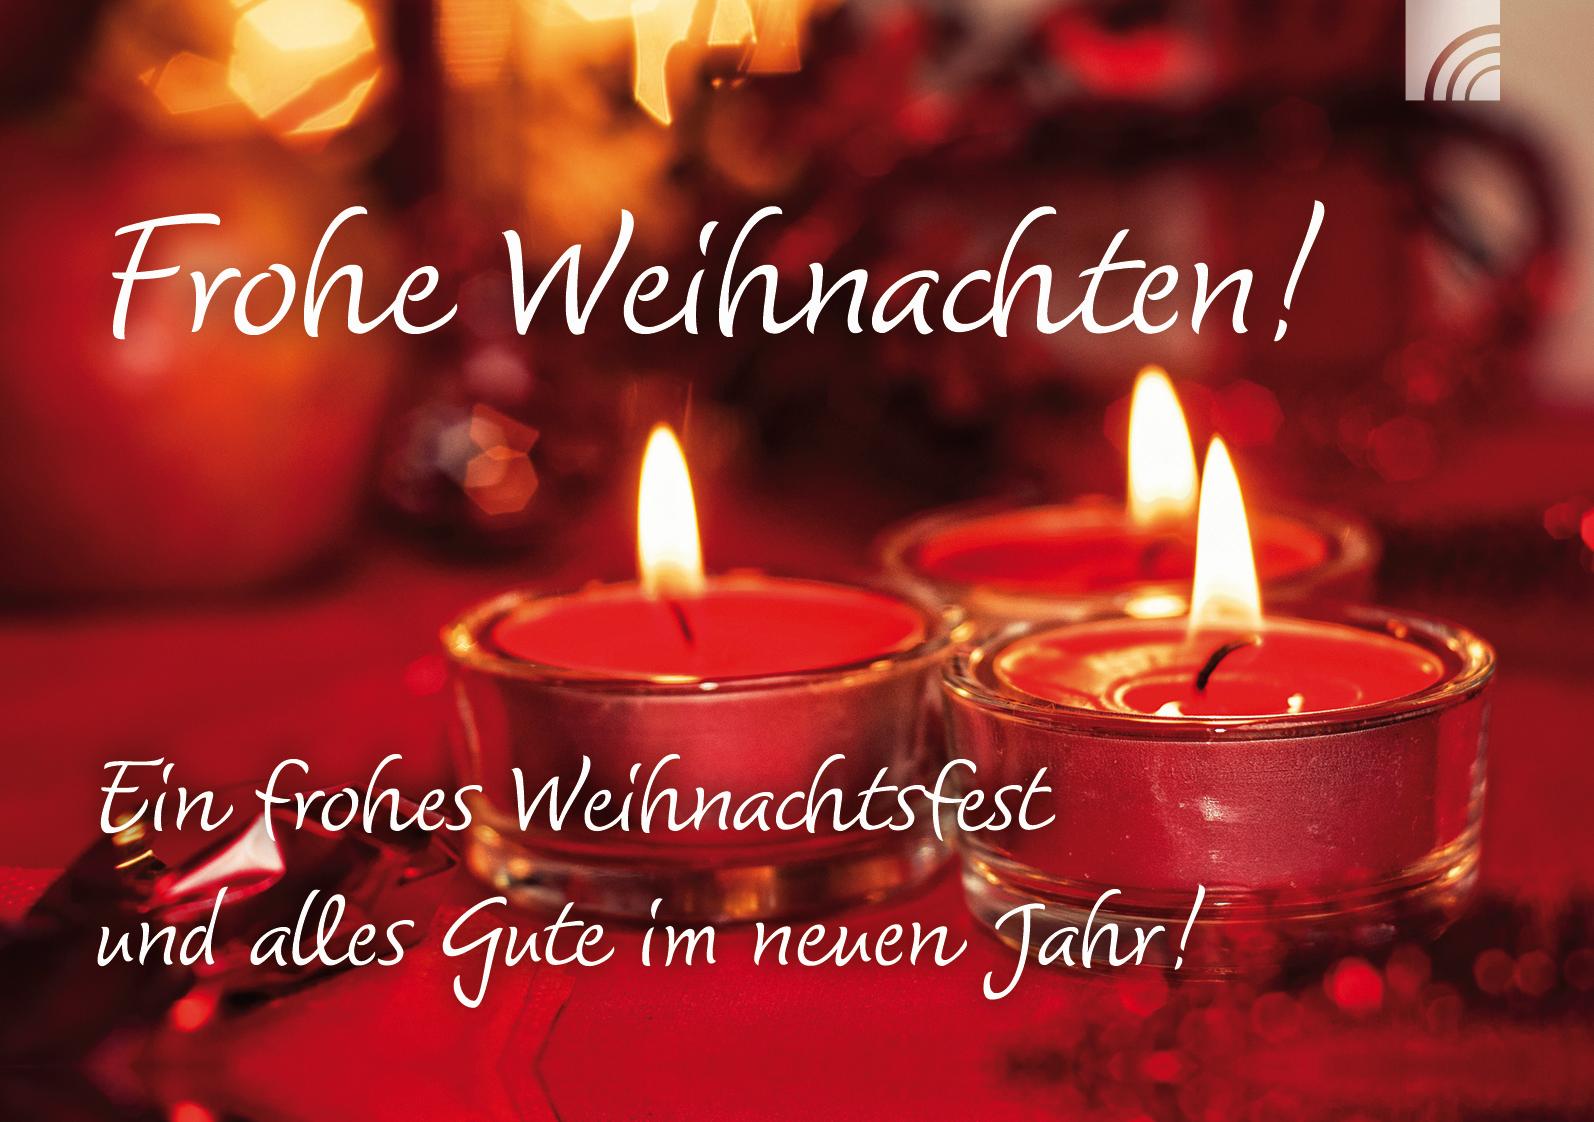 Frohe Weihnachten Und Alles Gute Im Neuen Jahr.Frohe Weihnachten Sportfreunde Bengen 1971 E V